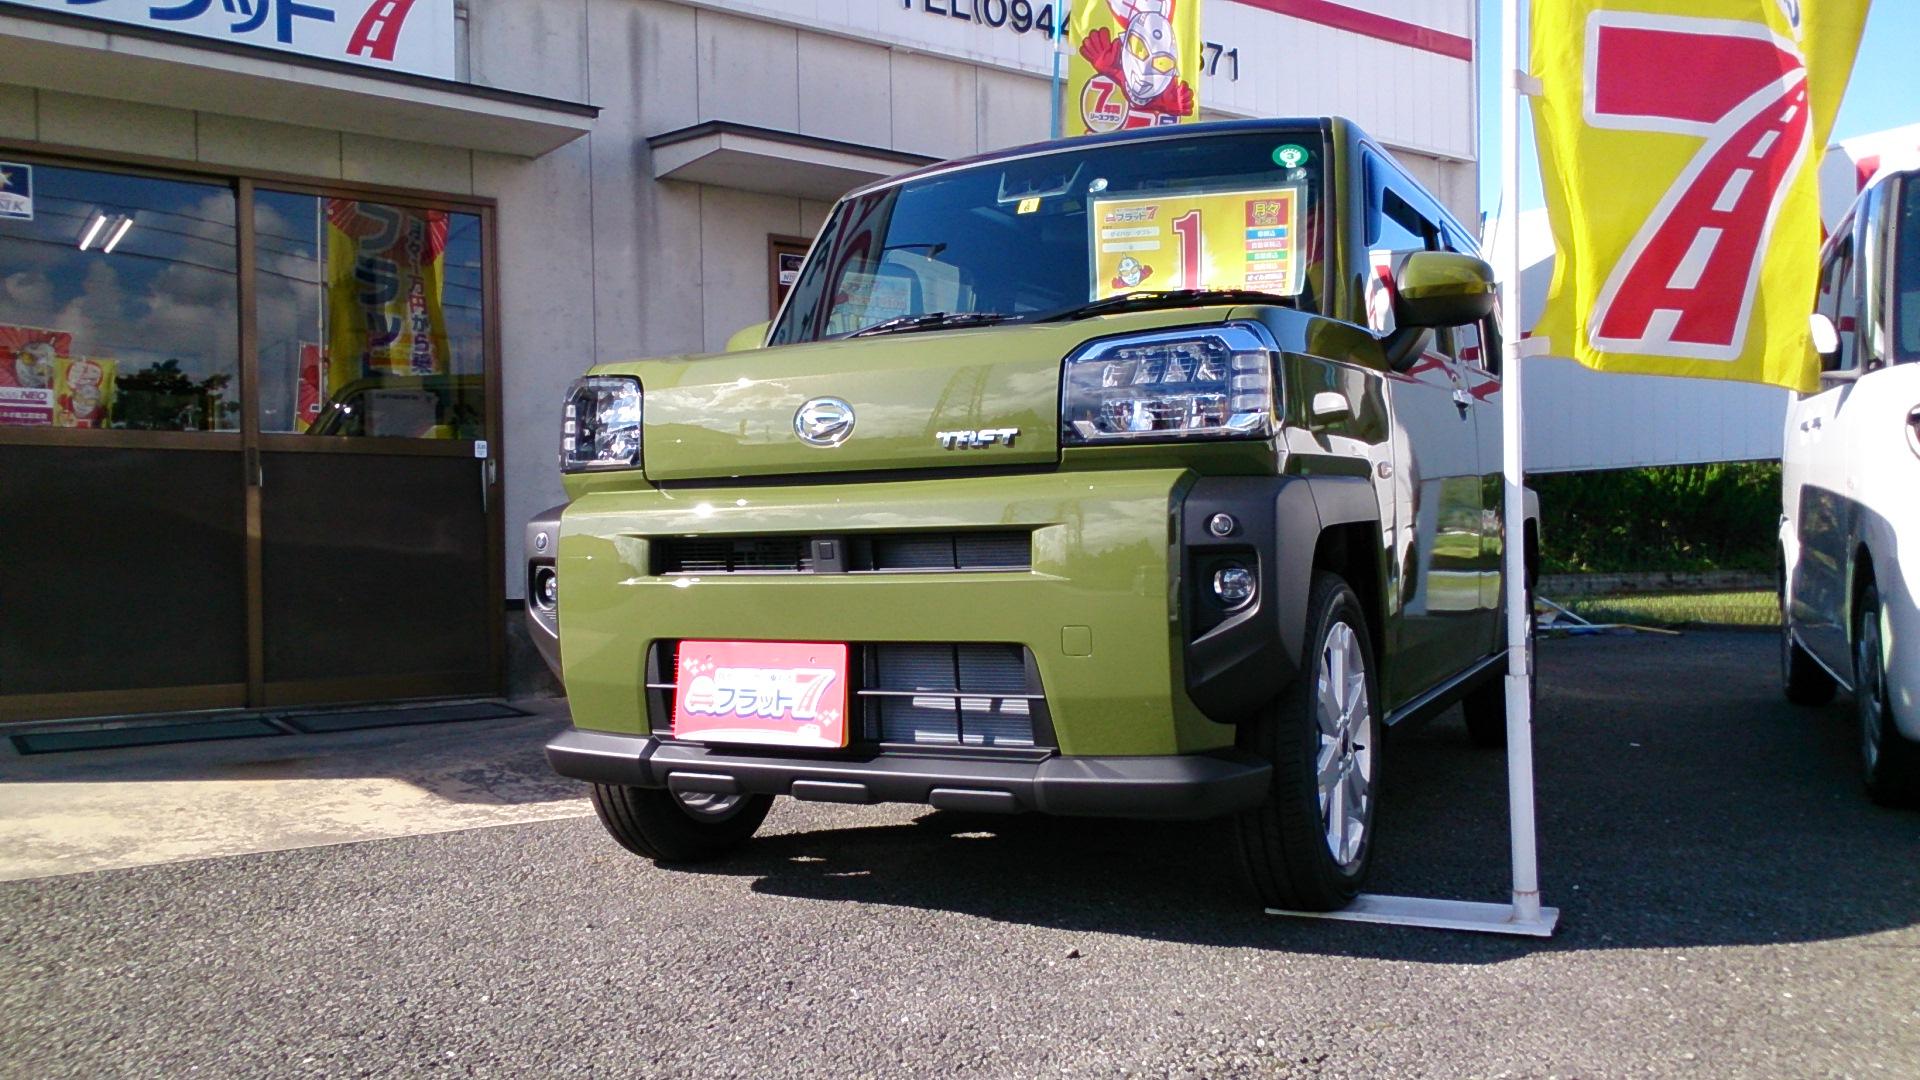 ダイハツ新型 タフト 試乗車あります!のイメージ画像|大牟田市カーリースならフラット7大牟田